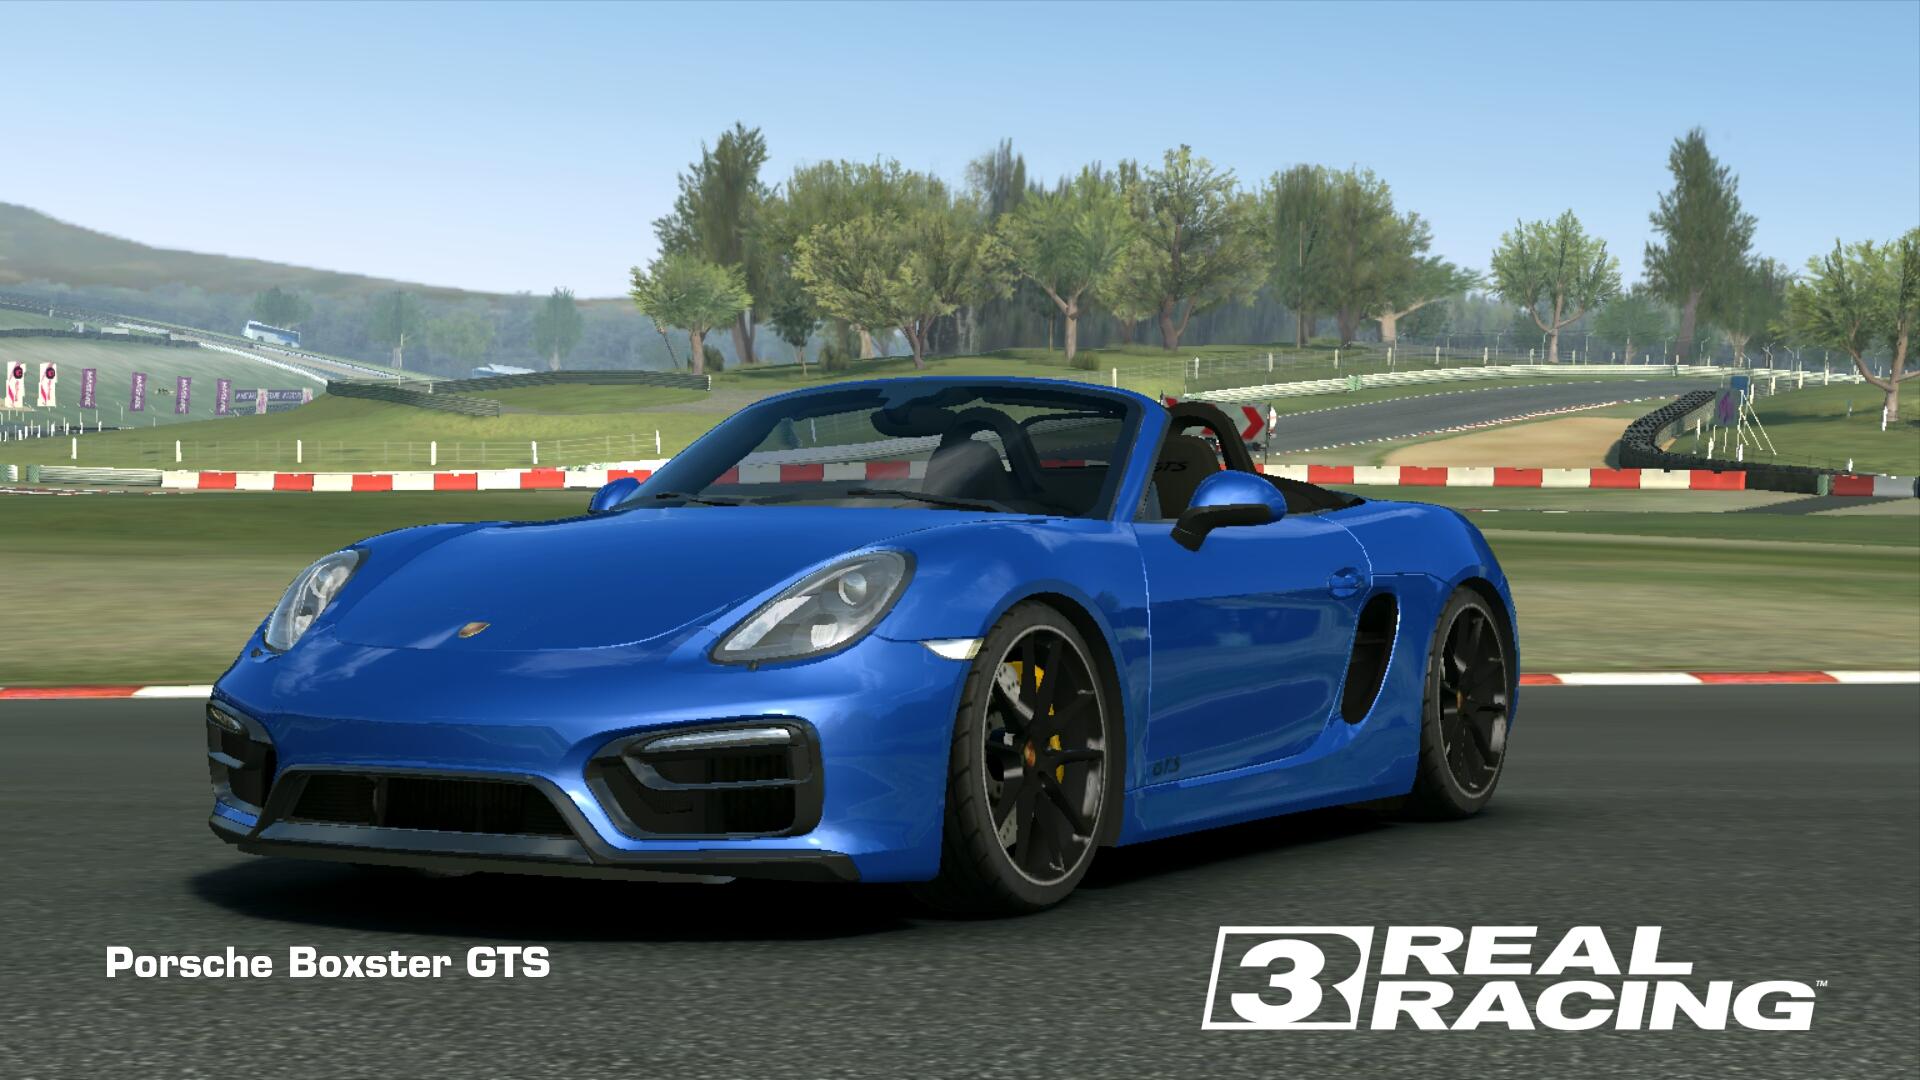 Showcase Porsche Boxster GTS